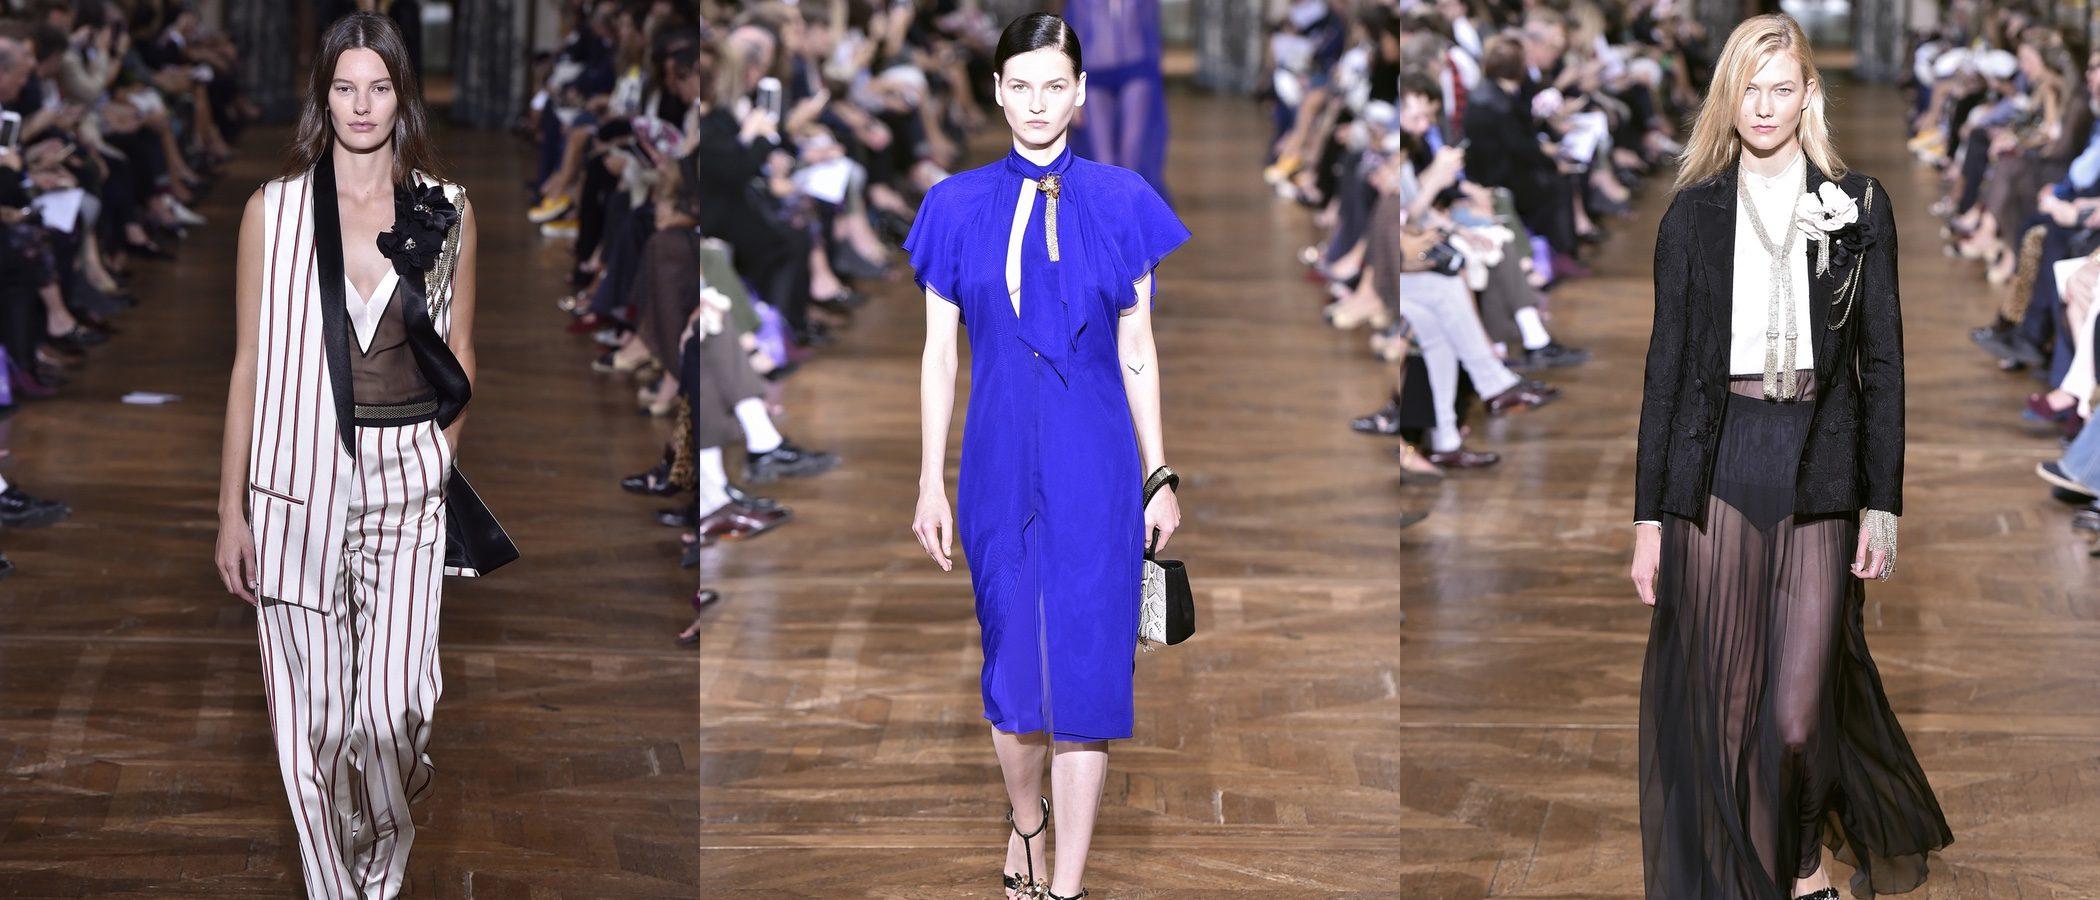 Lanvin estrena diseñadora en la París Fashion Week con su colección primavera/verano 2017